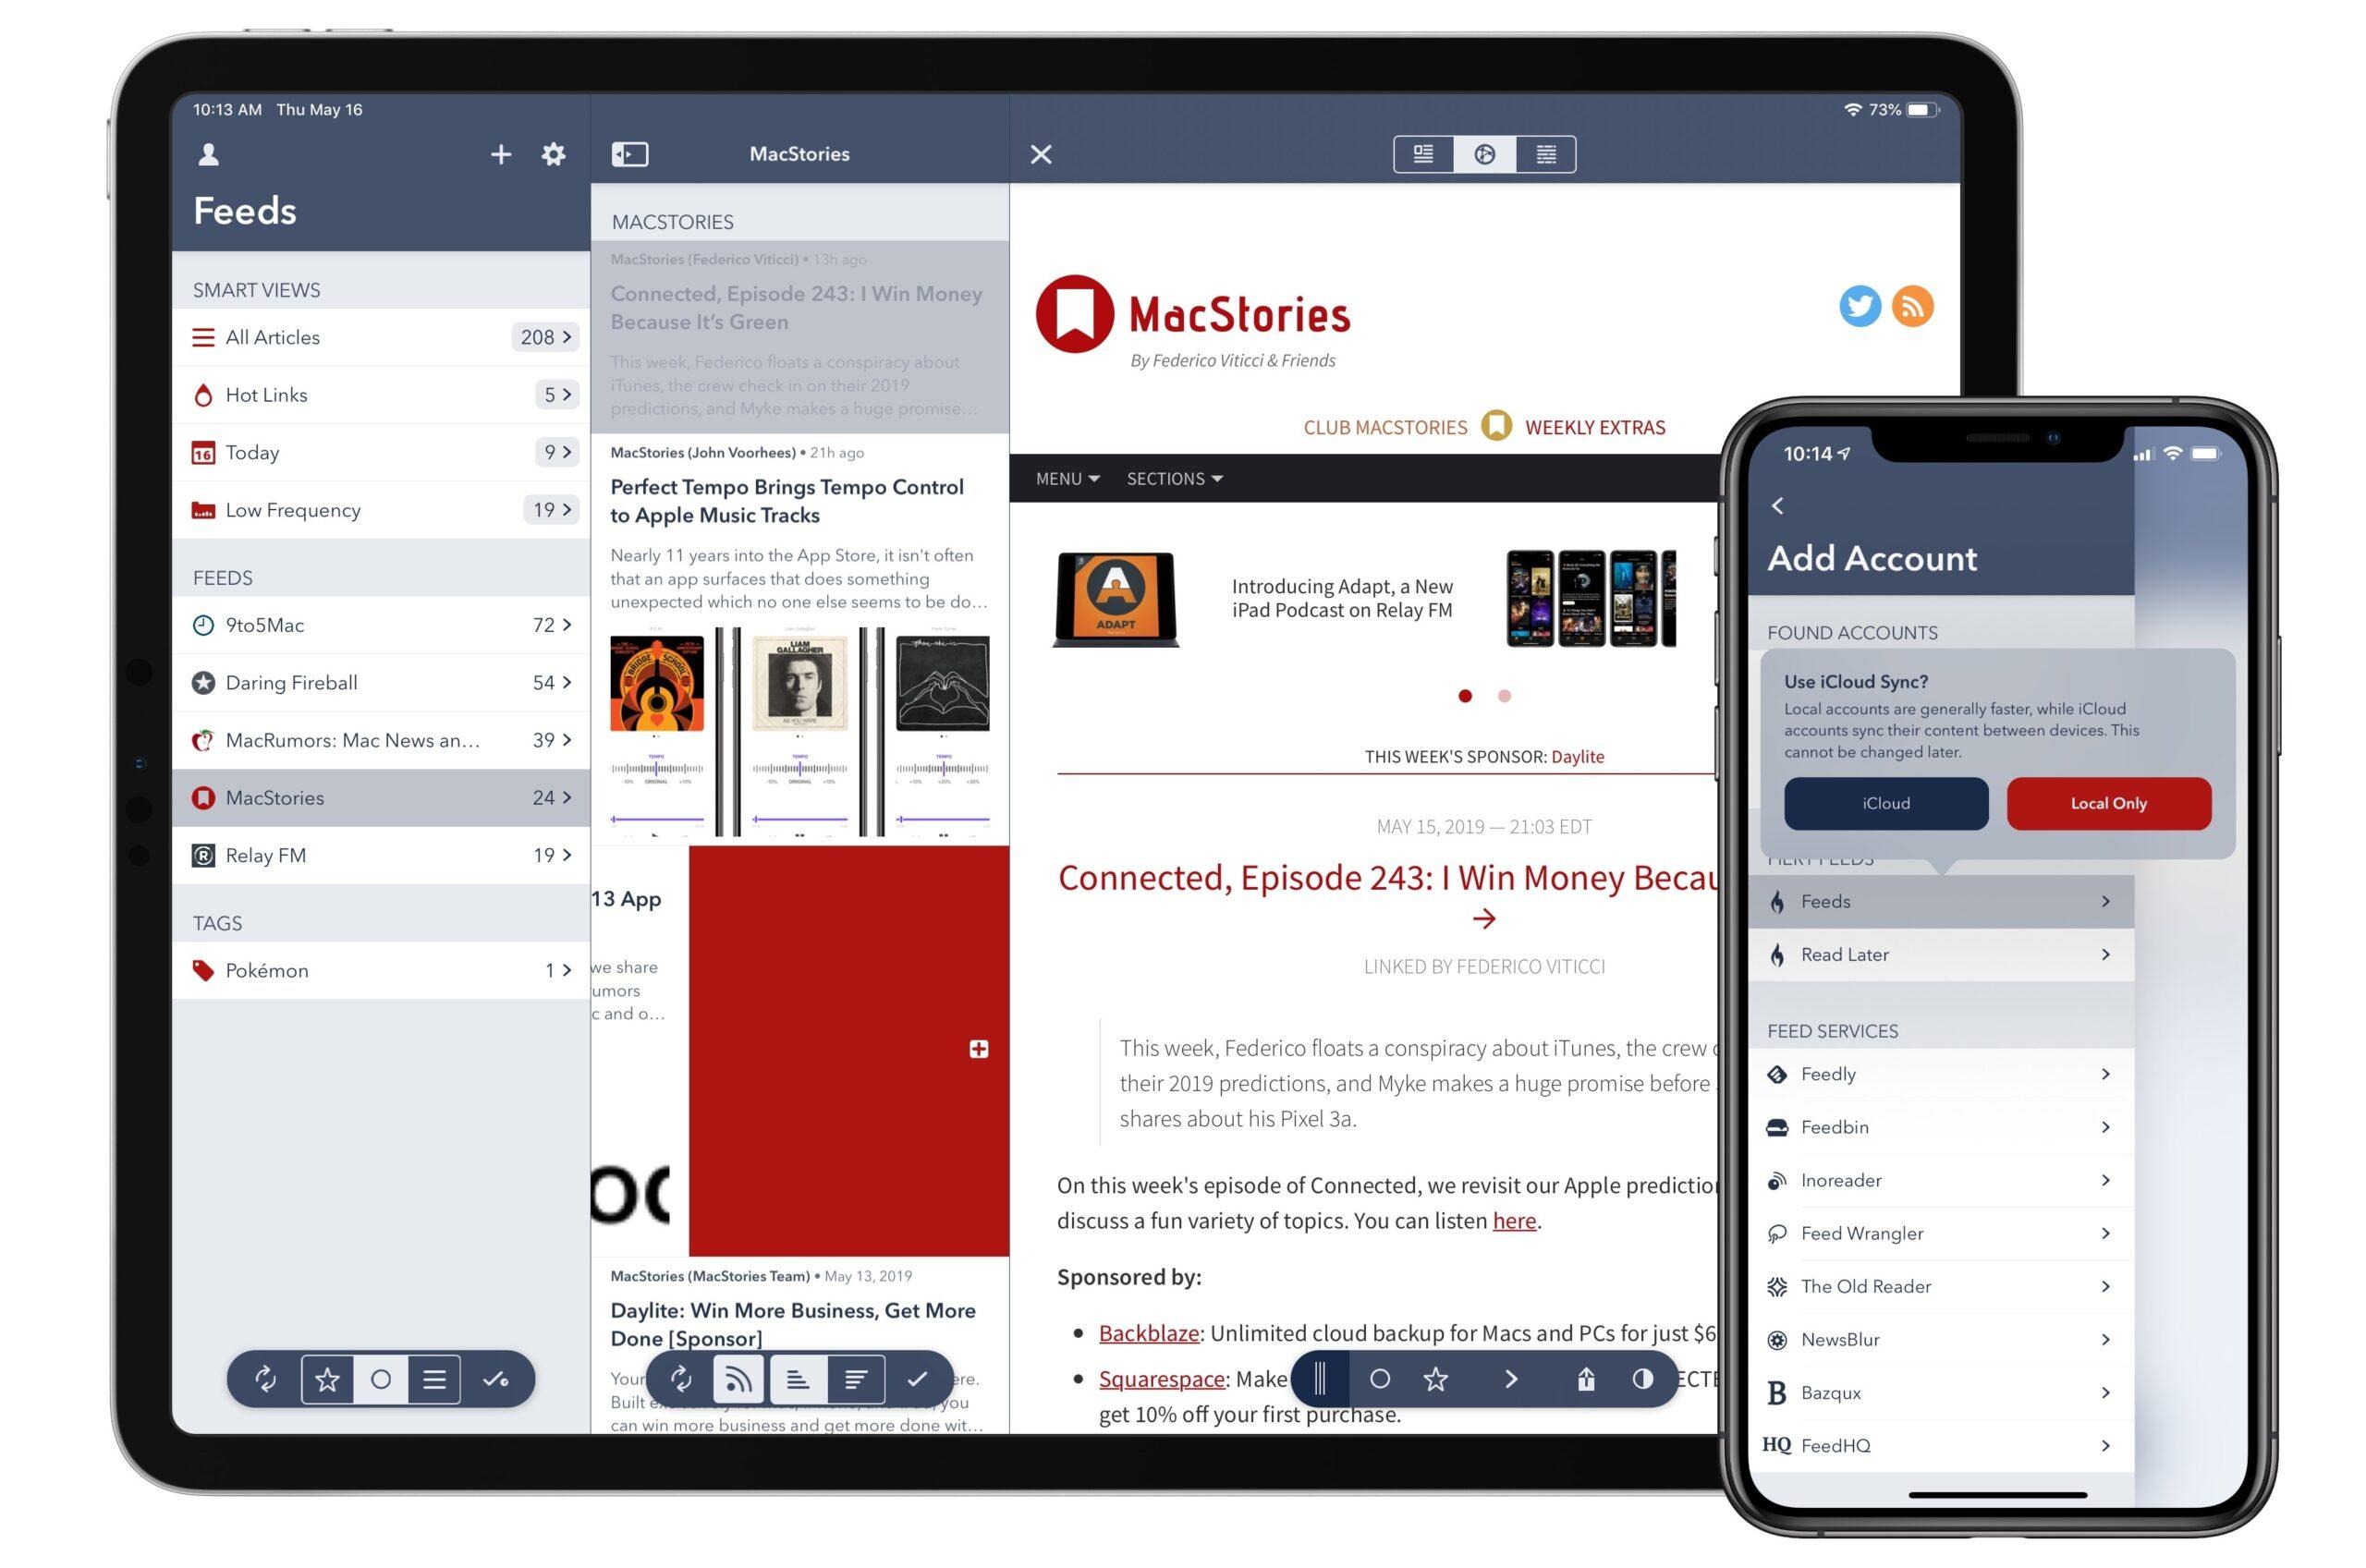 Sforum - Trang thông tin công nghệ mới nhất 2019-05-16-10-18-44-scaled 5 ứng dụng cần thiết trên iOS để làm việc tại nhà hiệu quả hơn trong mùa dịch